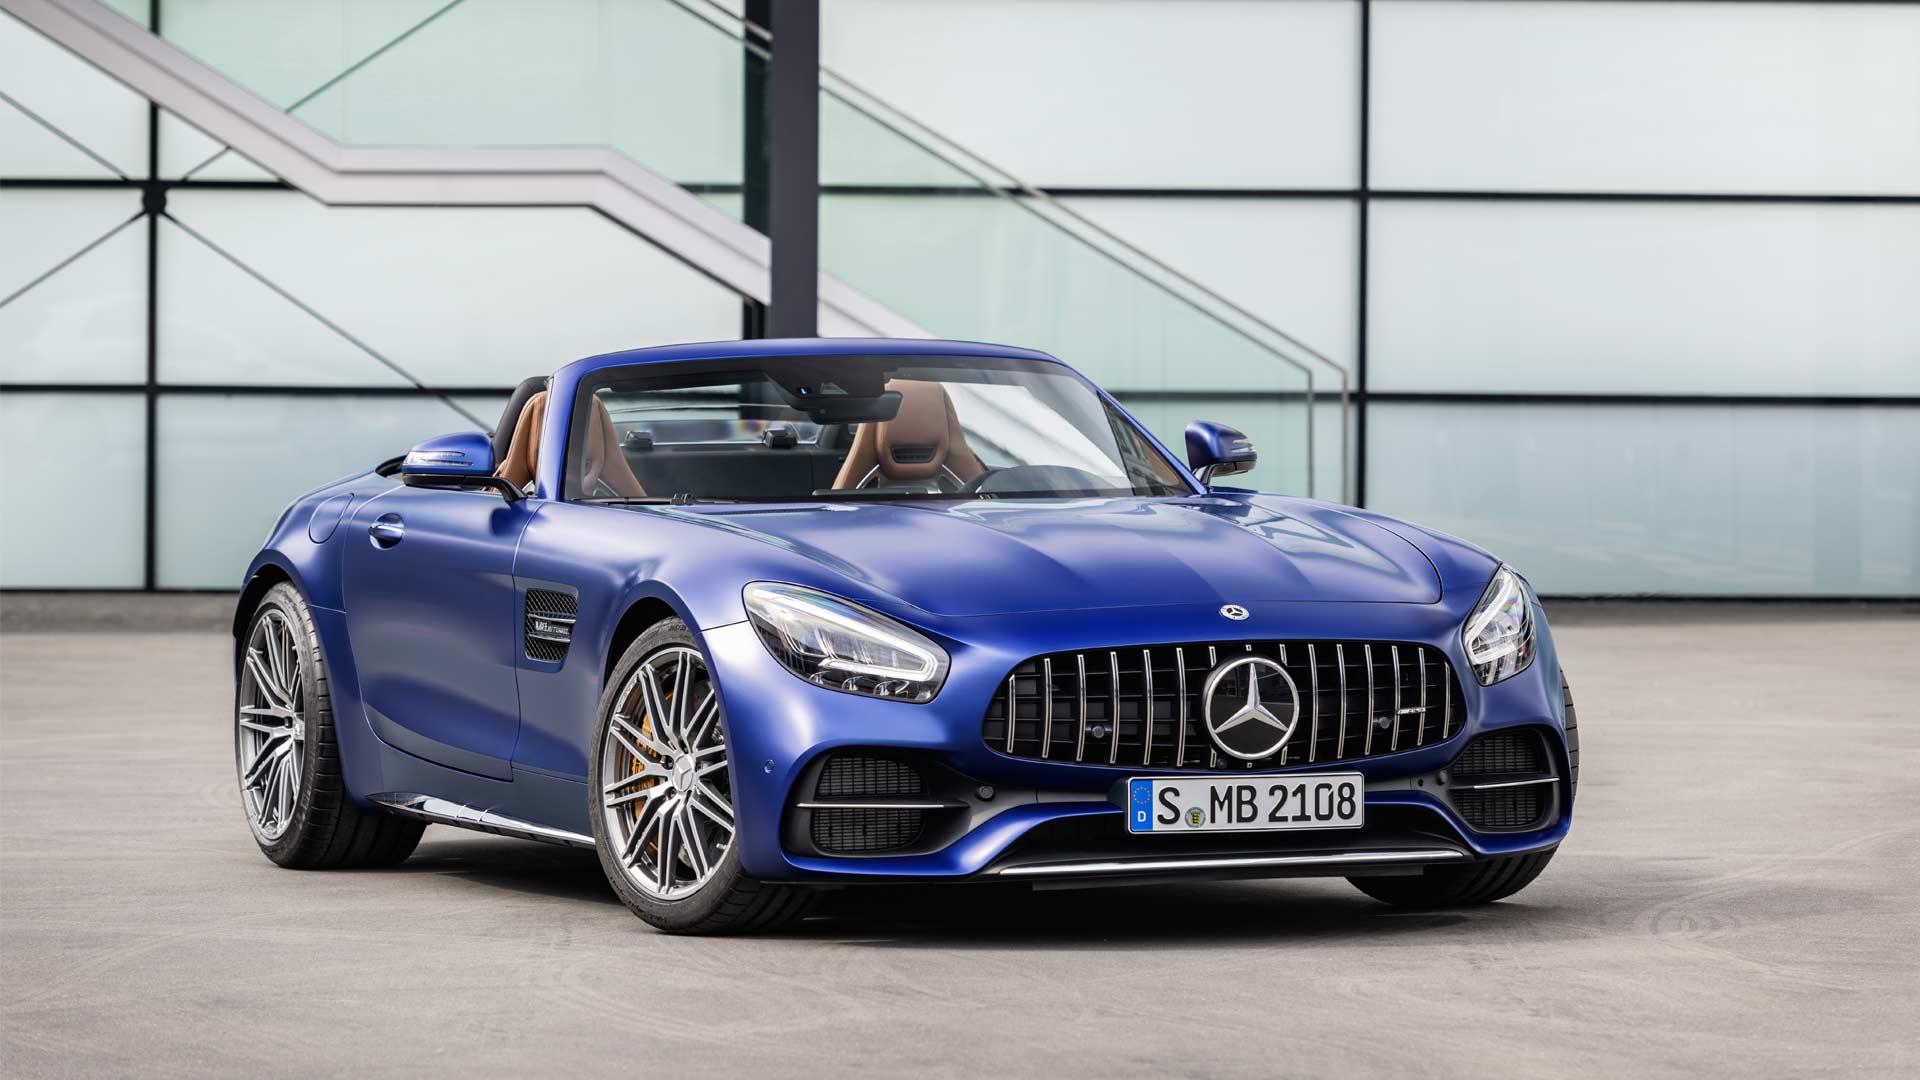 2019-Mercedes-AMG-GT-C-Roadster